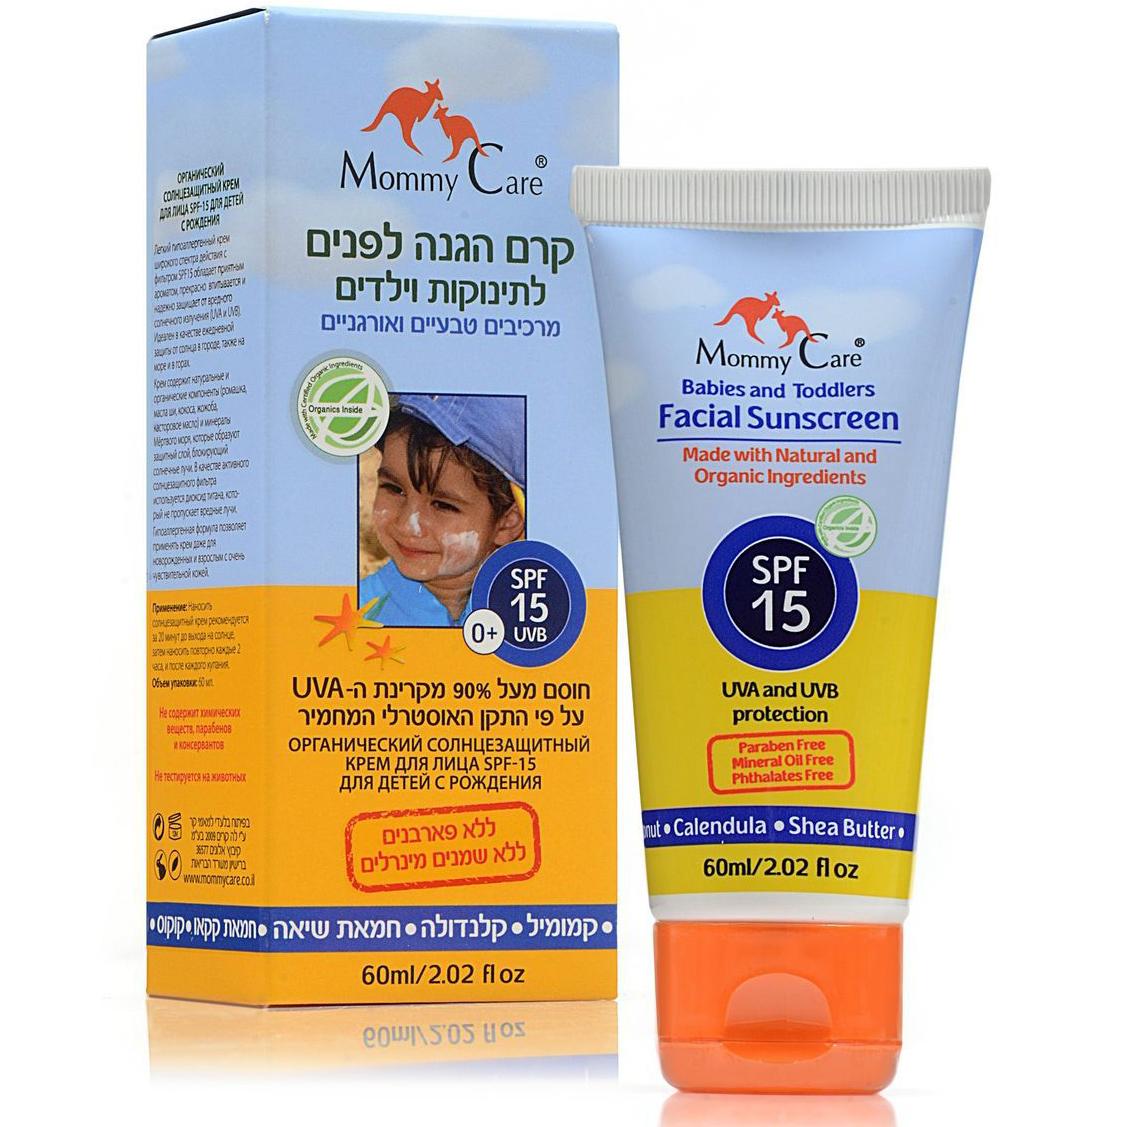 Органический солнцезащитный крем для лица Mommy Care